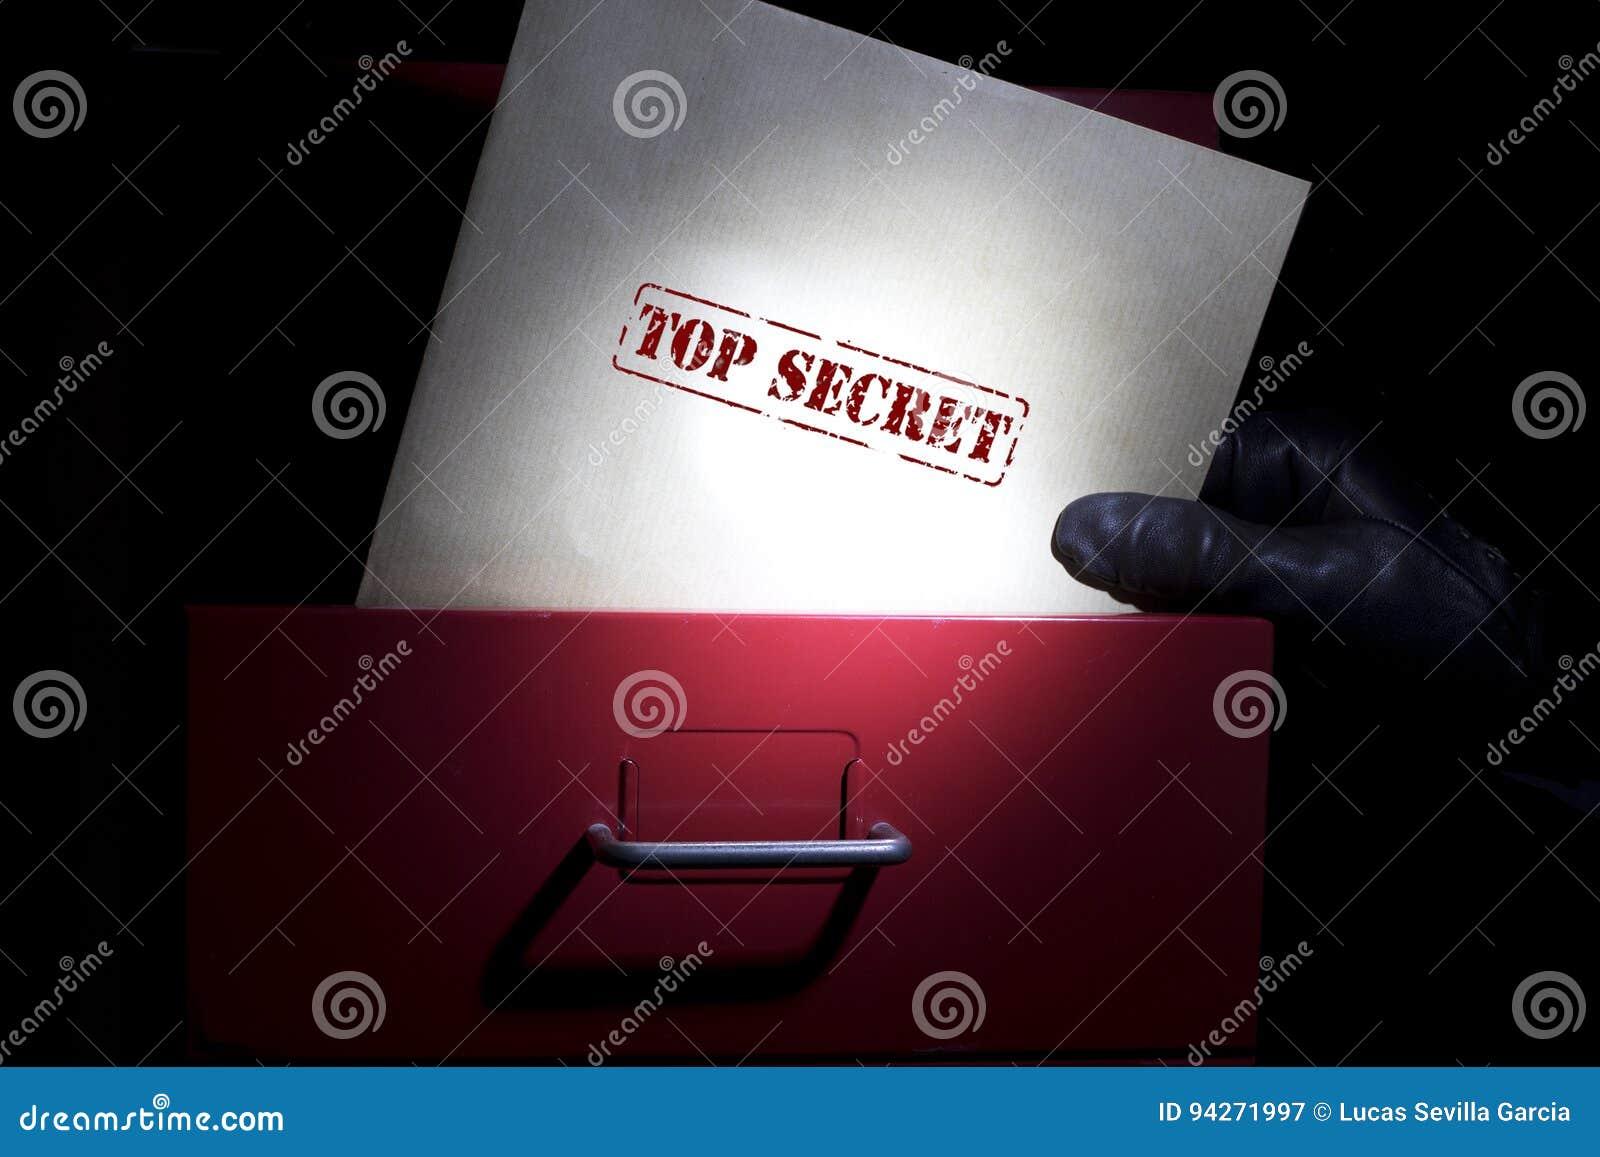 Buscar documentos de alto secreto en una oscuridad